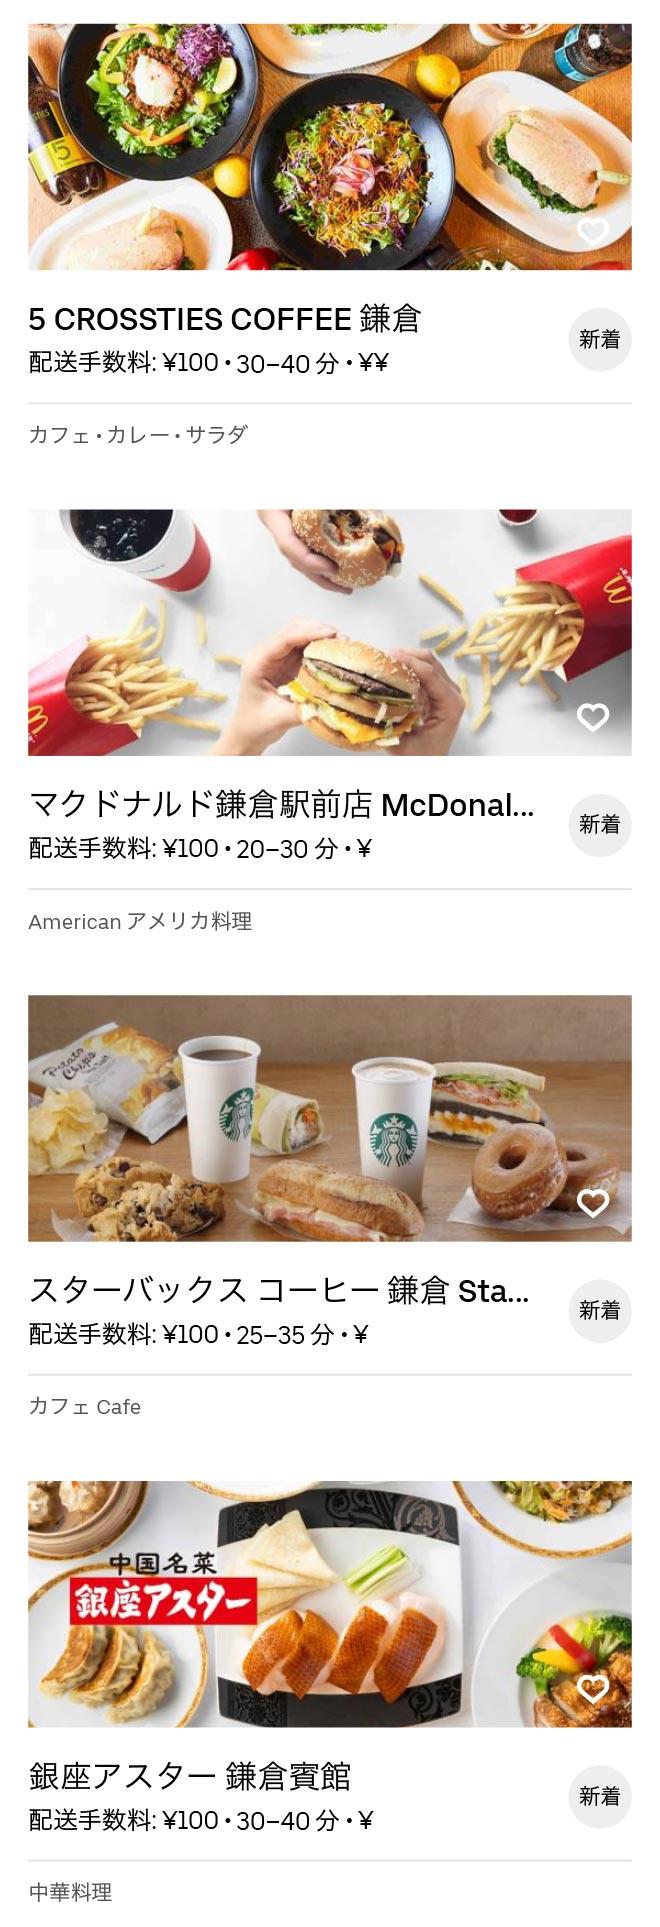 Kamakura menu 2008 01